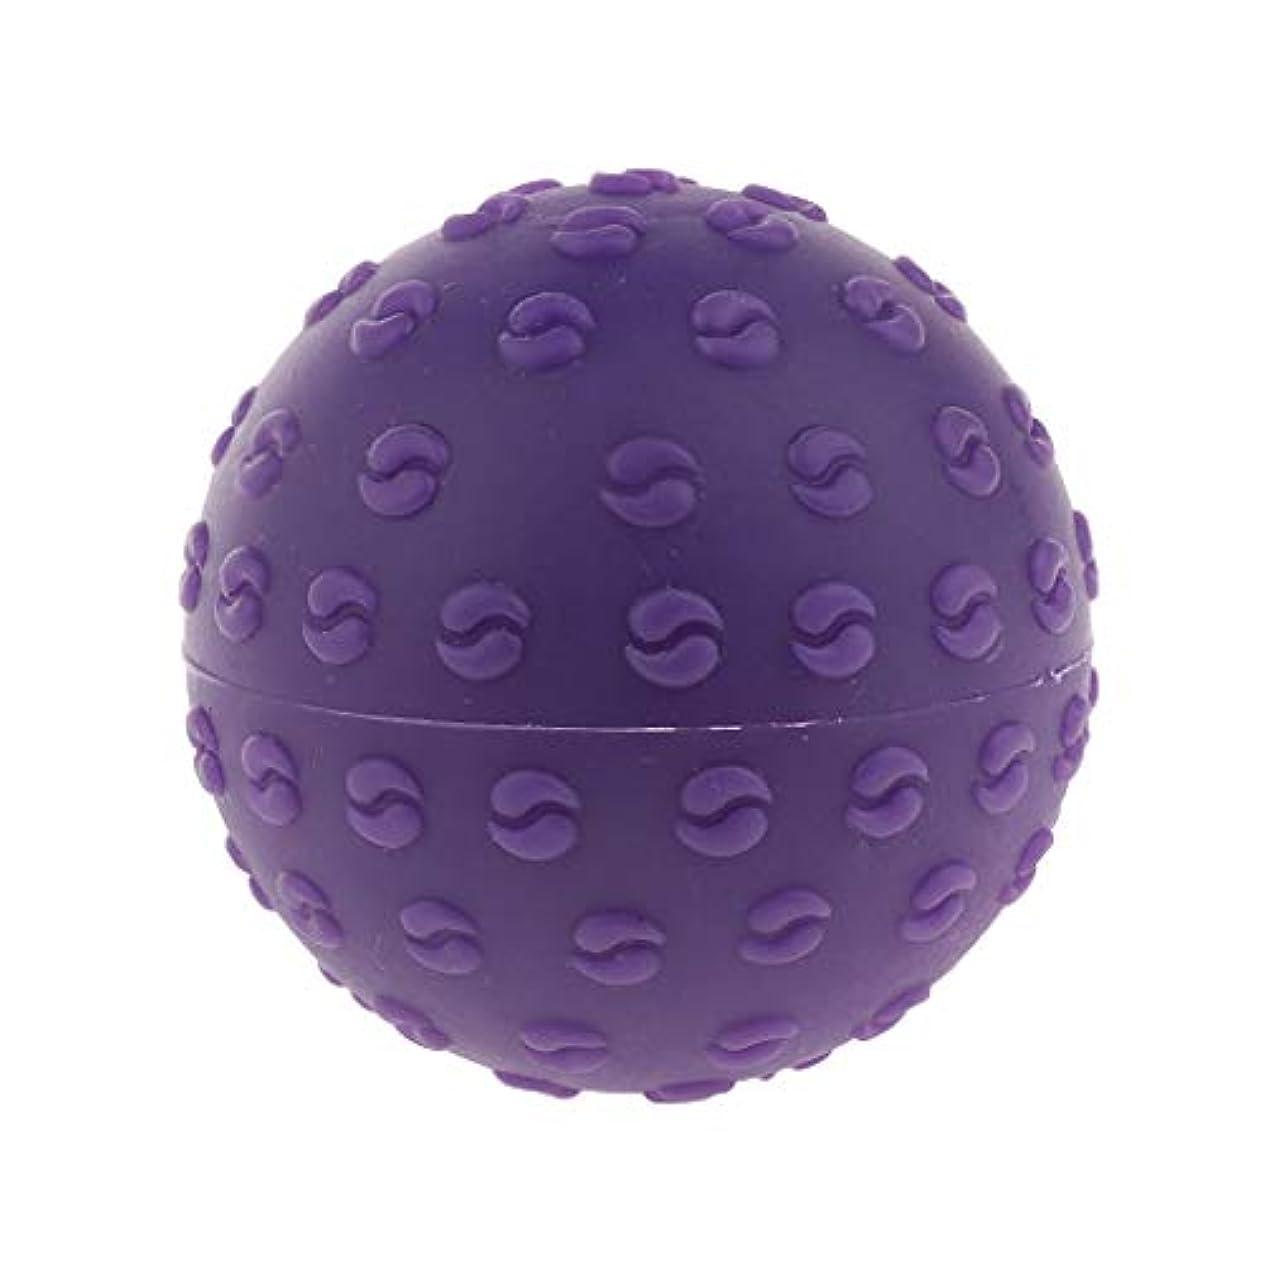 代替案ランドリー想像するD DOLITY マッサージボール 指圧ボール シリコーン トリガーポイント 足底筋膜炎 ヨガ 快適 全6色 - 紫, 説明のとおり